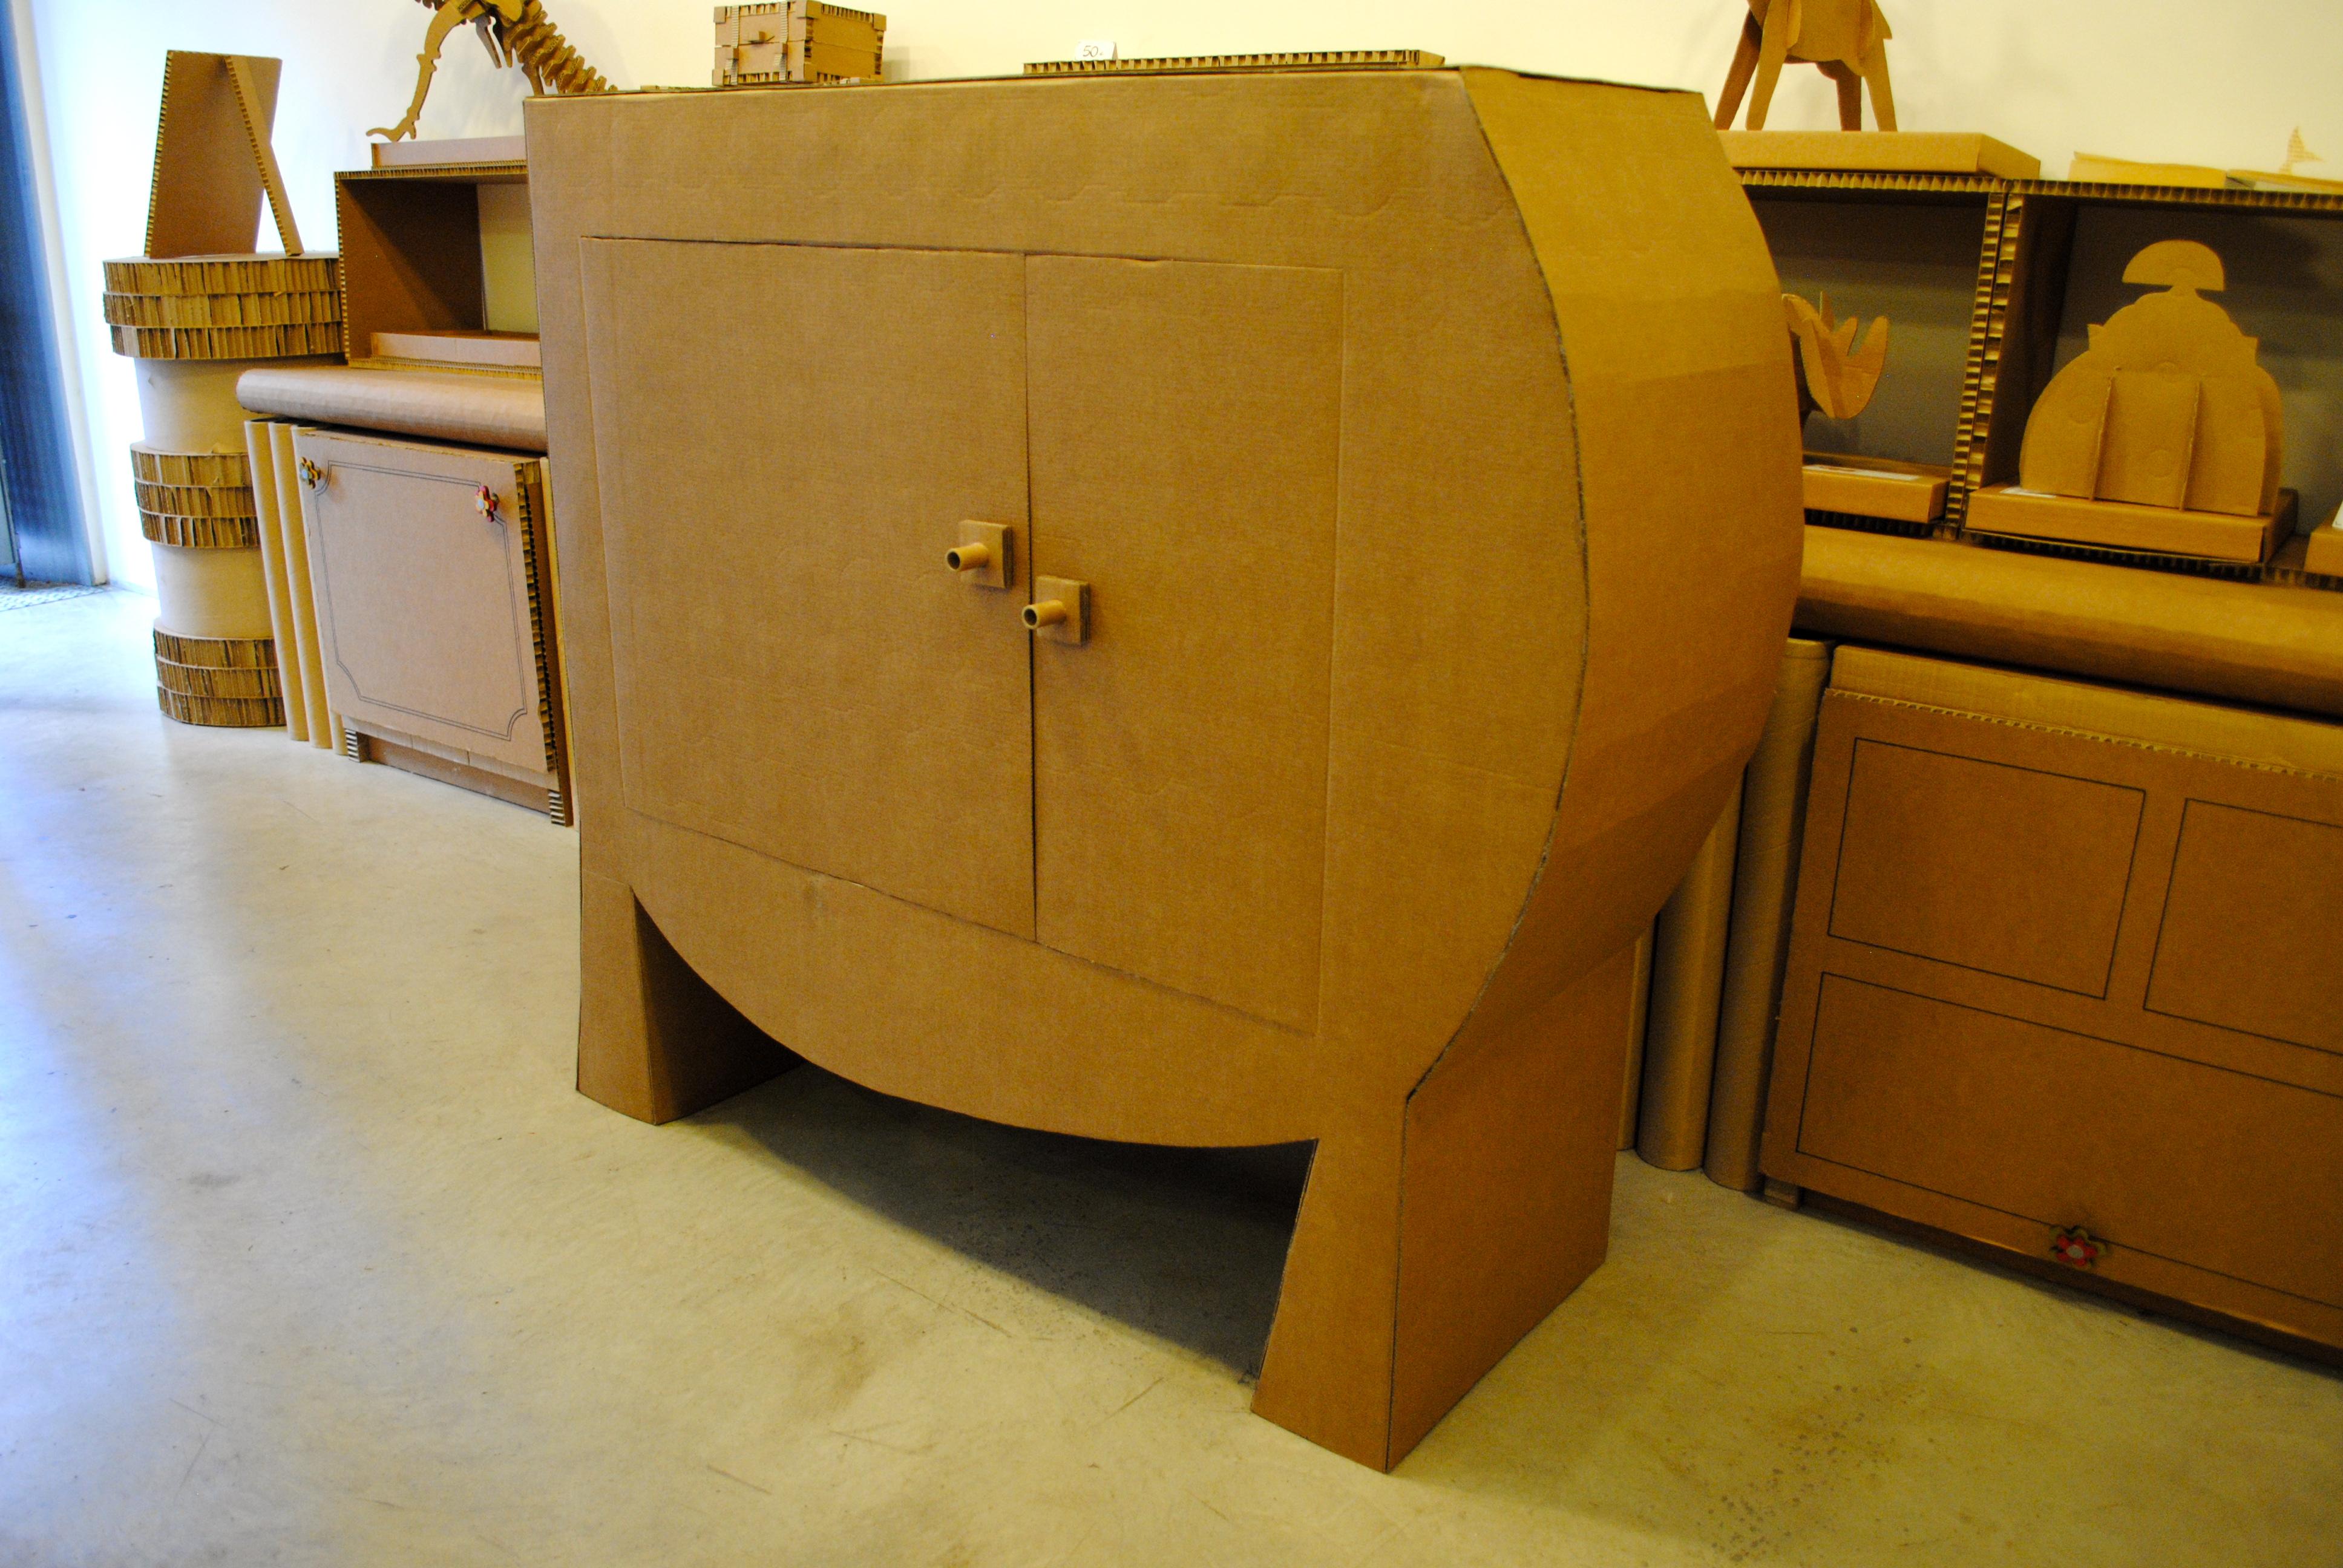 Carton reciclado la cartoneria - Muebles de carton ...